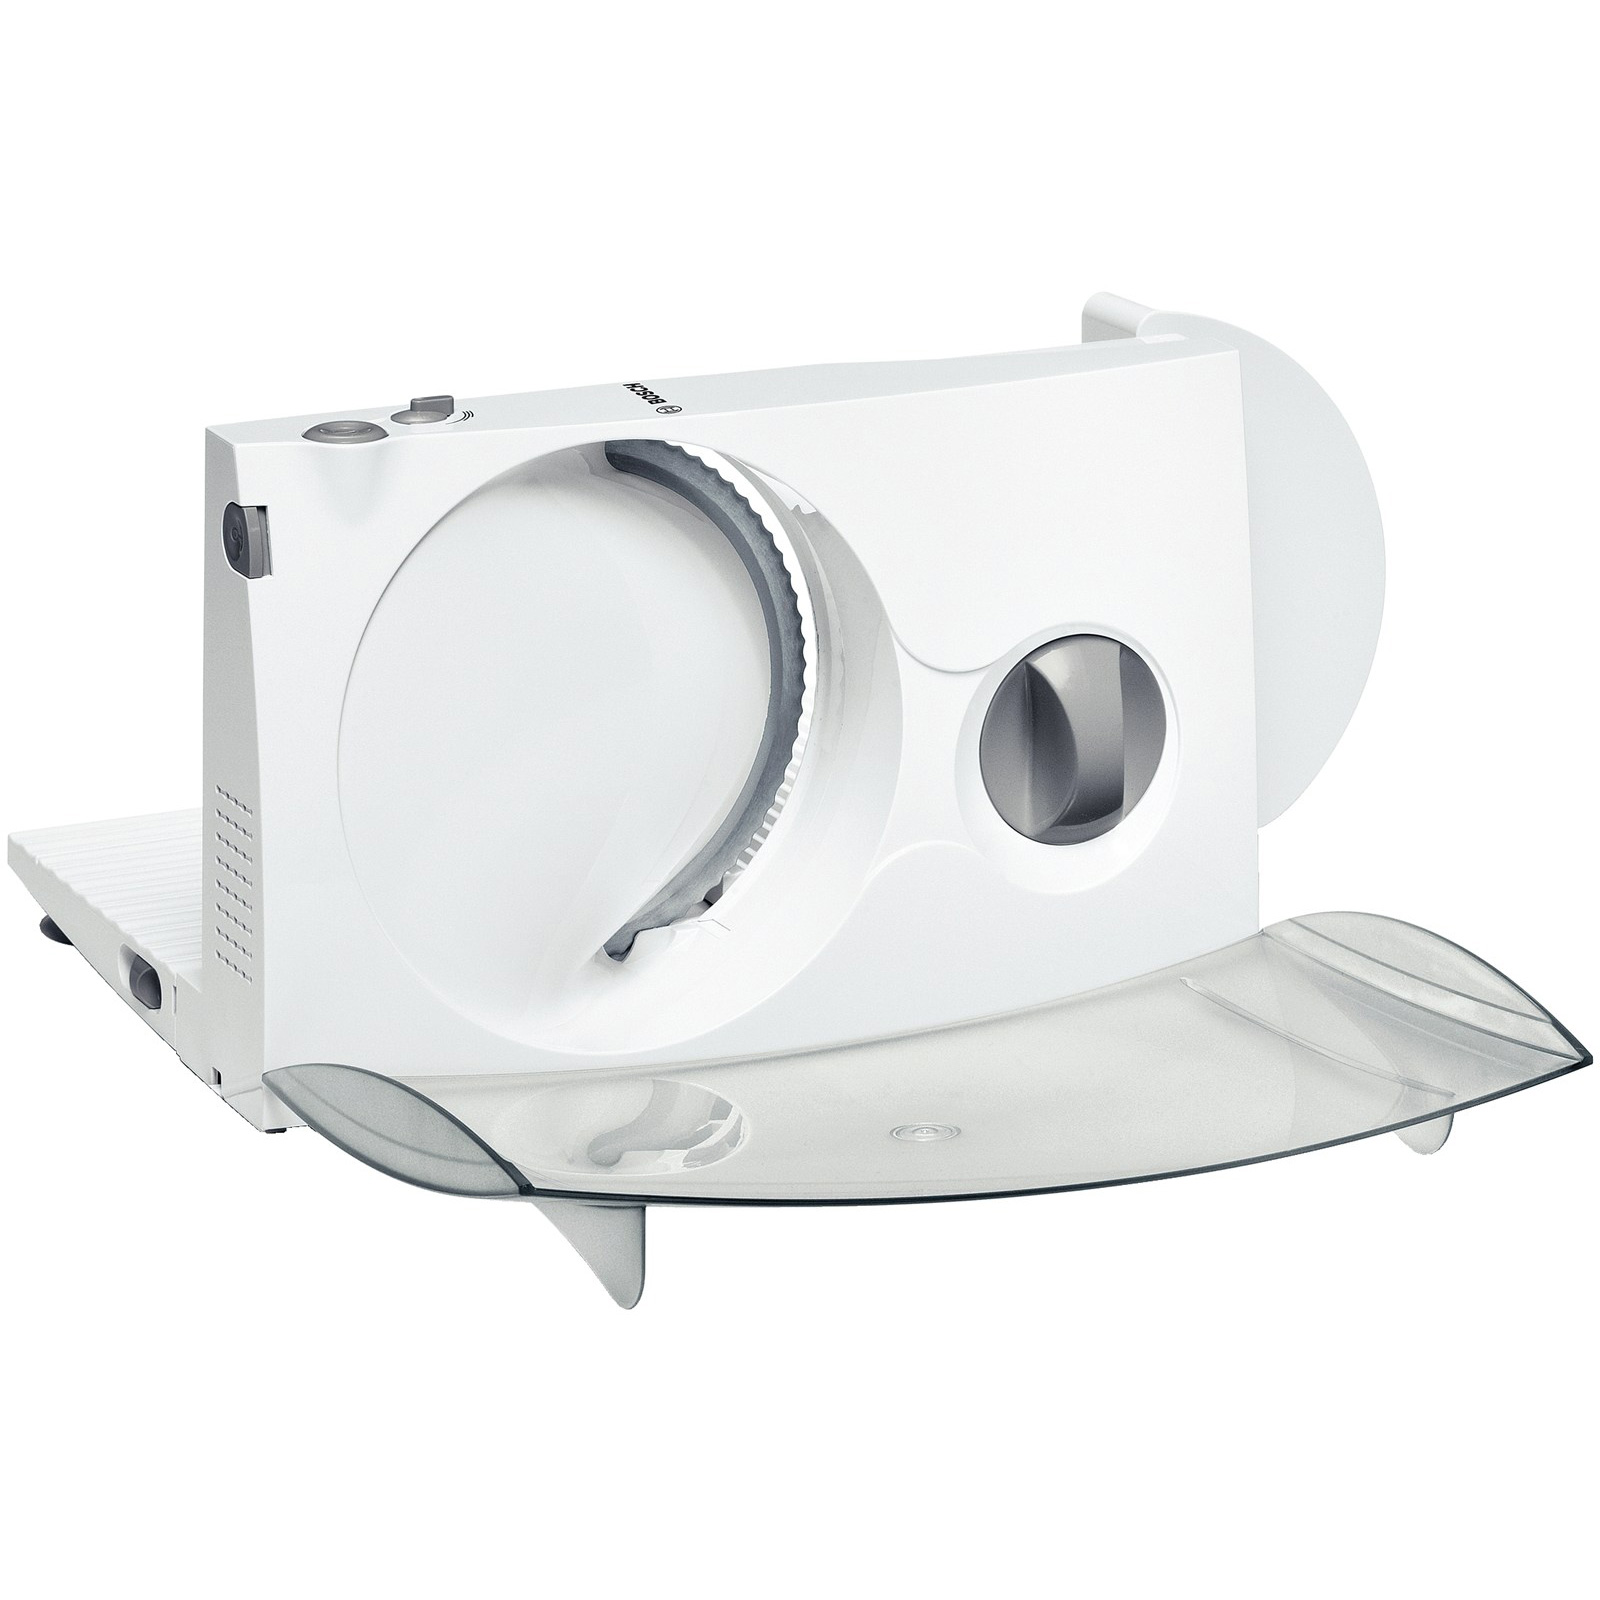 Универсальная резательная машина Bosch Real Brand Technics 2790.000